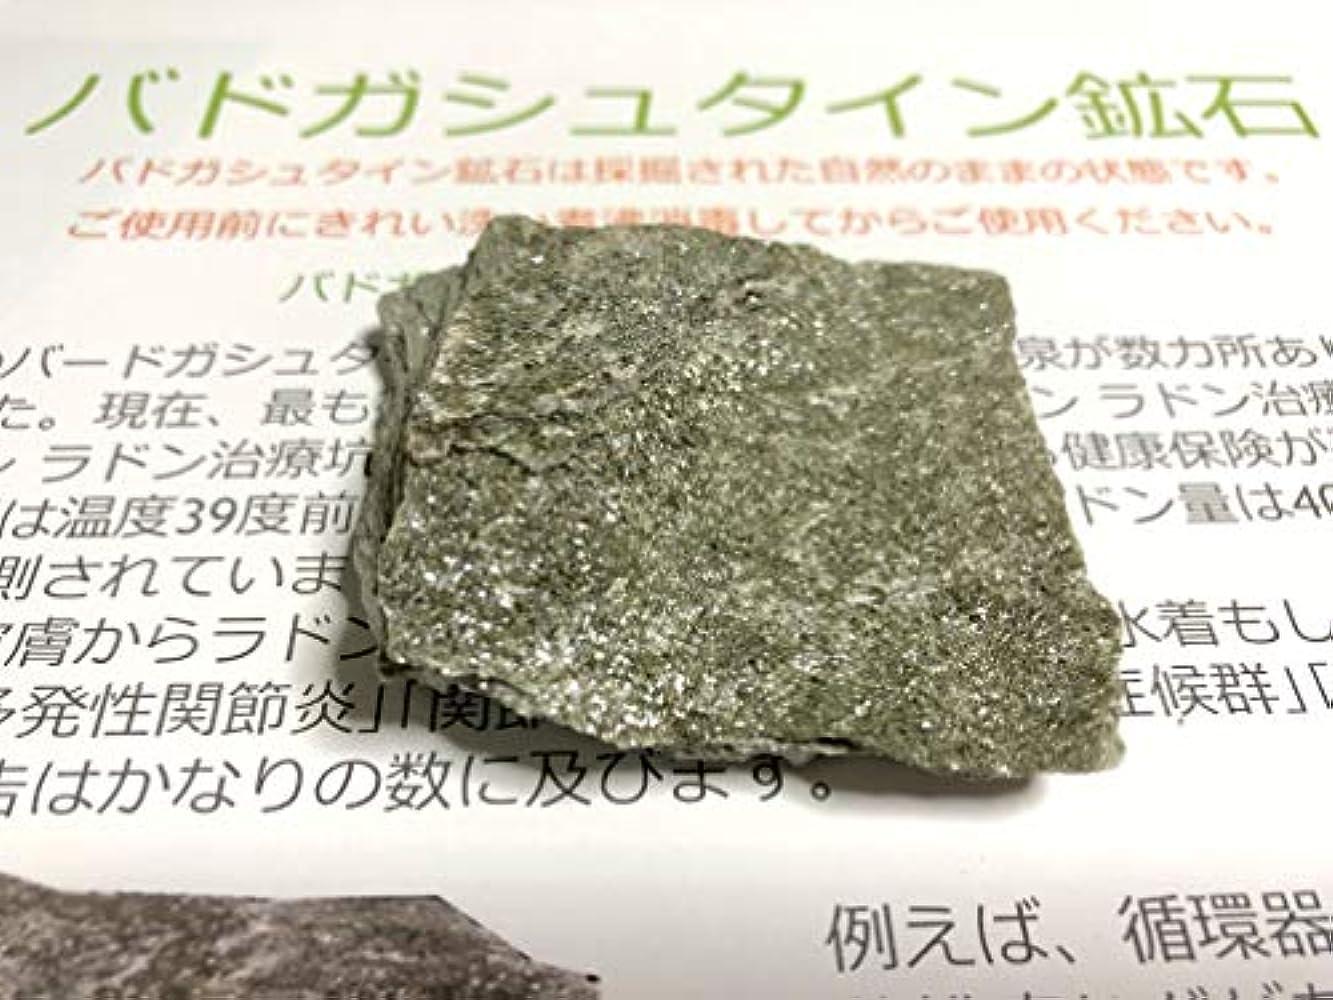 自治支援する多様性バドガシュタイン鉱石 クラス3 約1~4μSV/h未満 (約100g詰め)